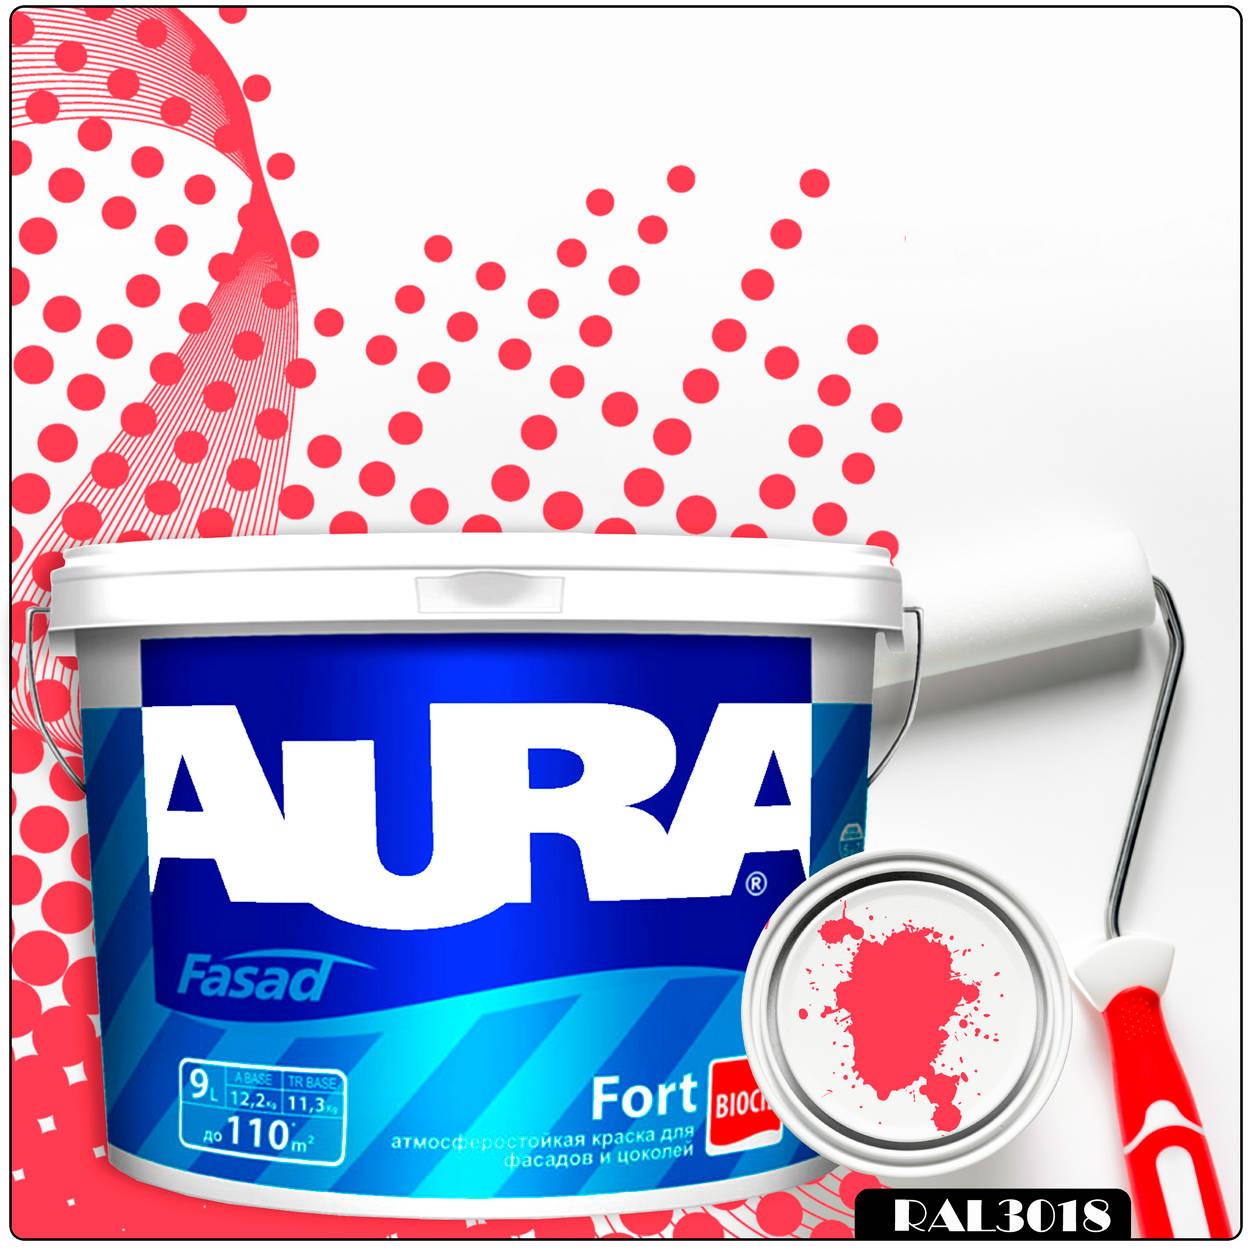 Фото 16 - Краска Aura Fasad Fort, RAL 3018 Клубнично-красный, латексная, матовая, для фасада и цоколей, 9л, Аура.